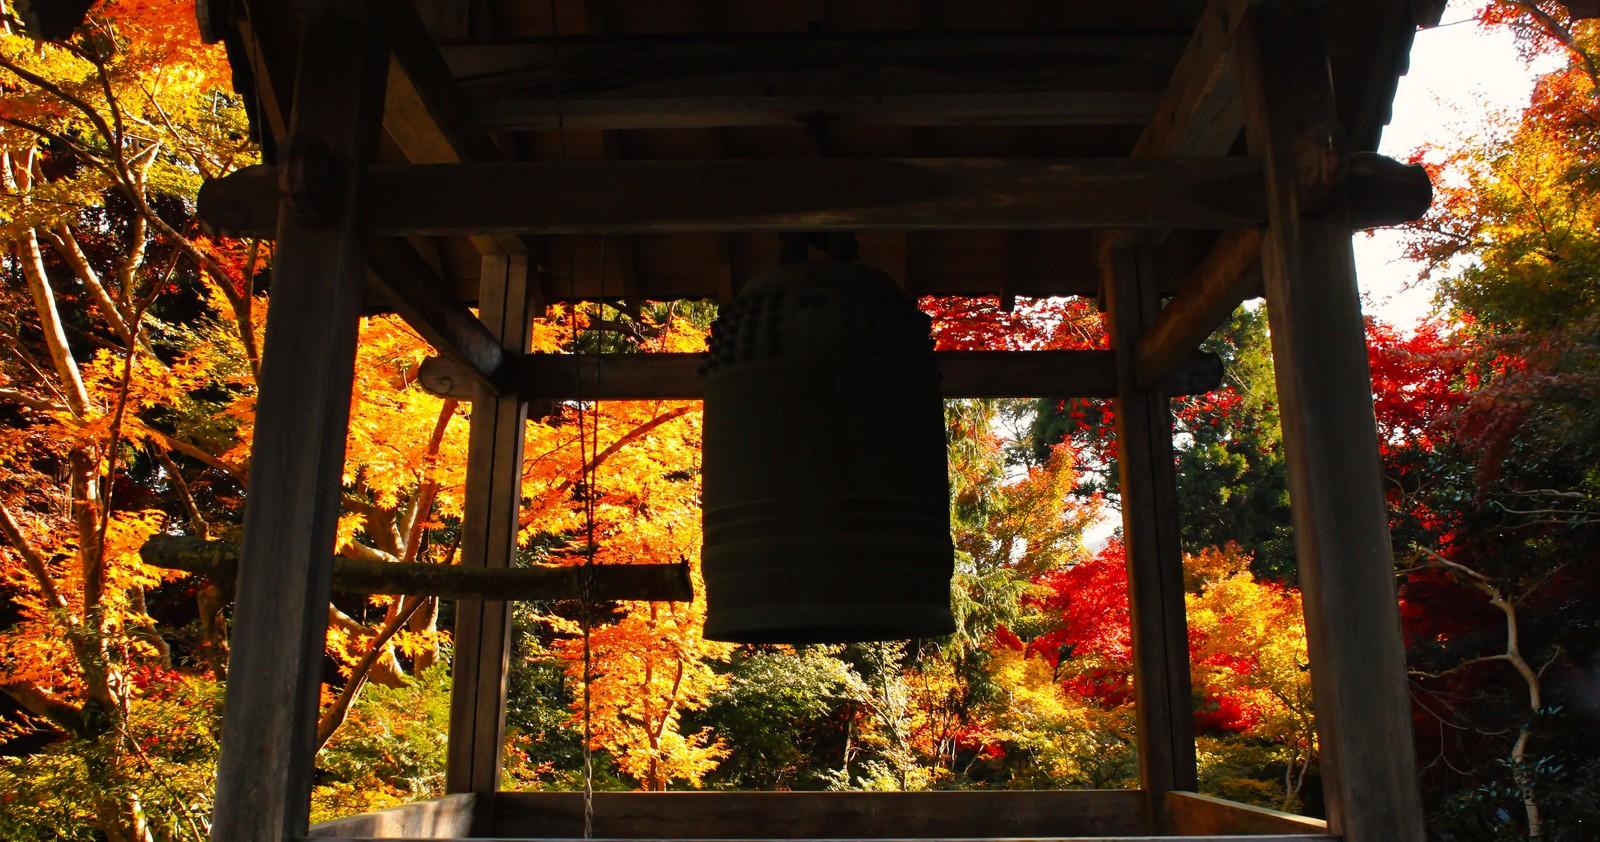 東郷公園・秩父御嶽神社のアクセスや見どころまとめ!紅葉の見頃もチェック!